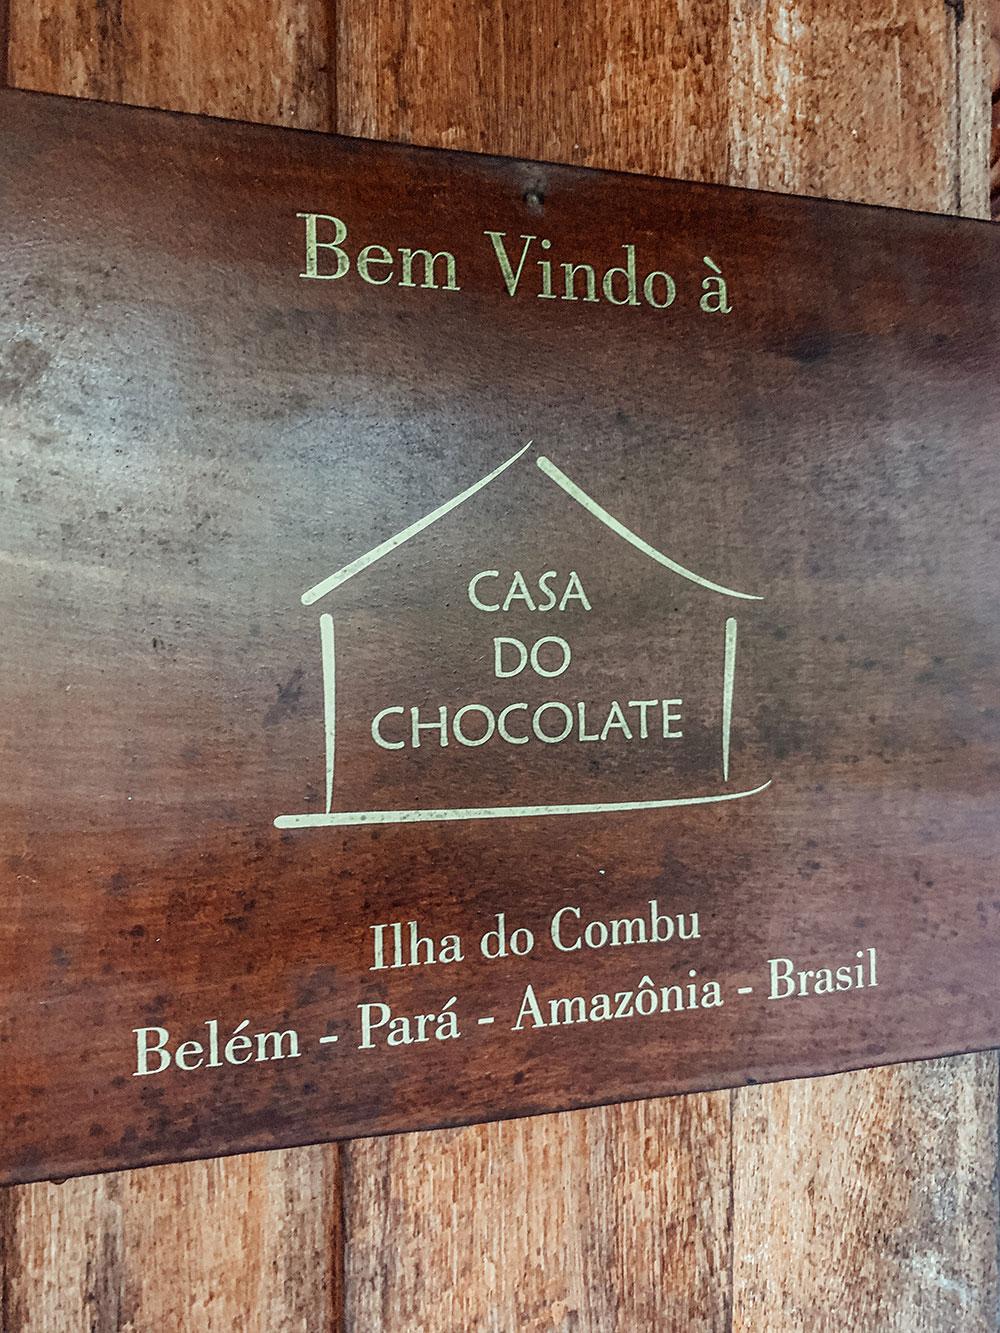 Ilha do Combu, Pará - especialidade em chocolates artesanais